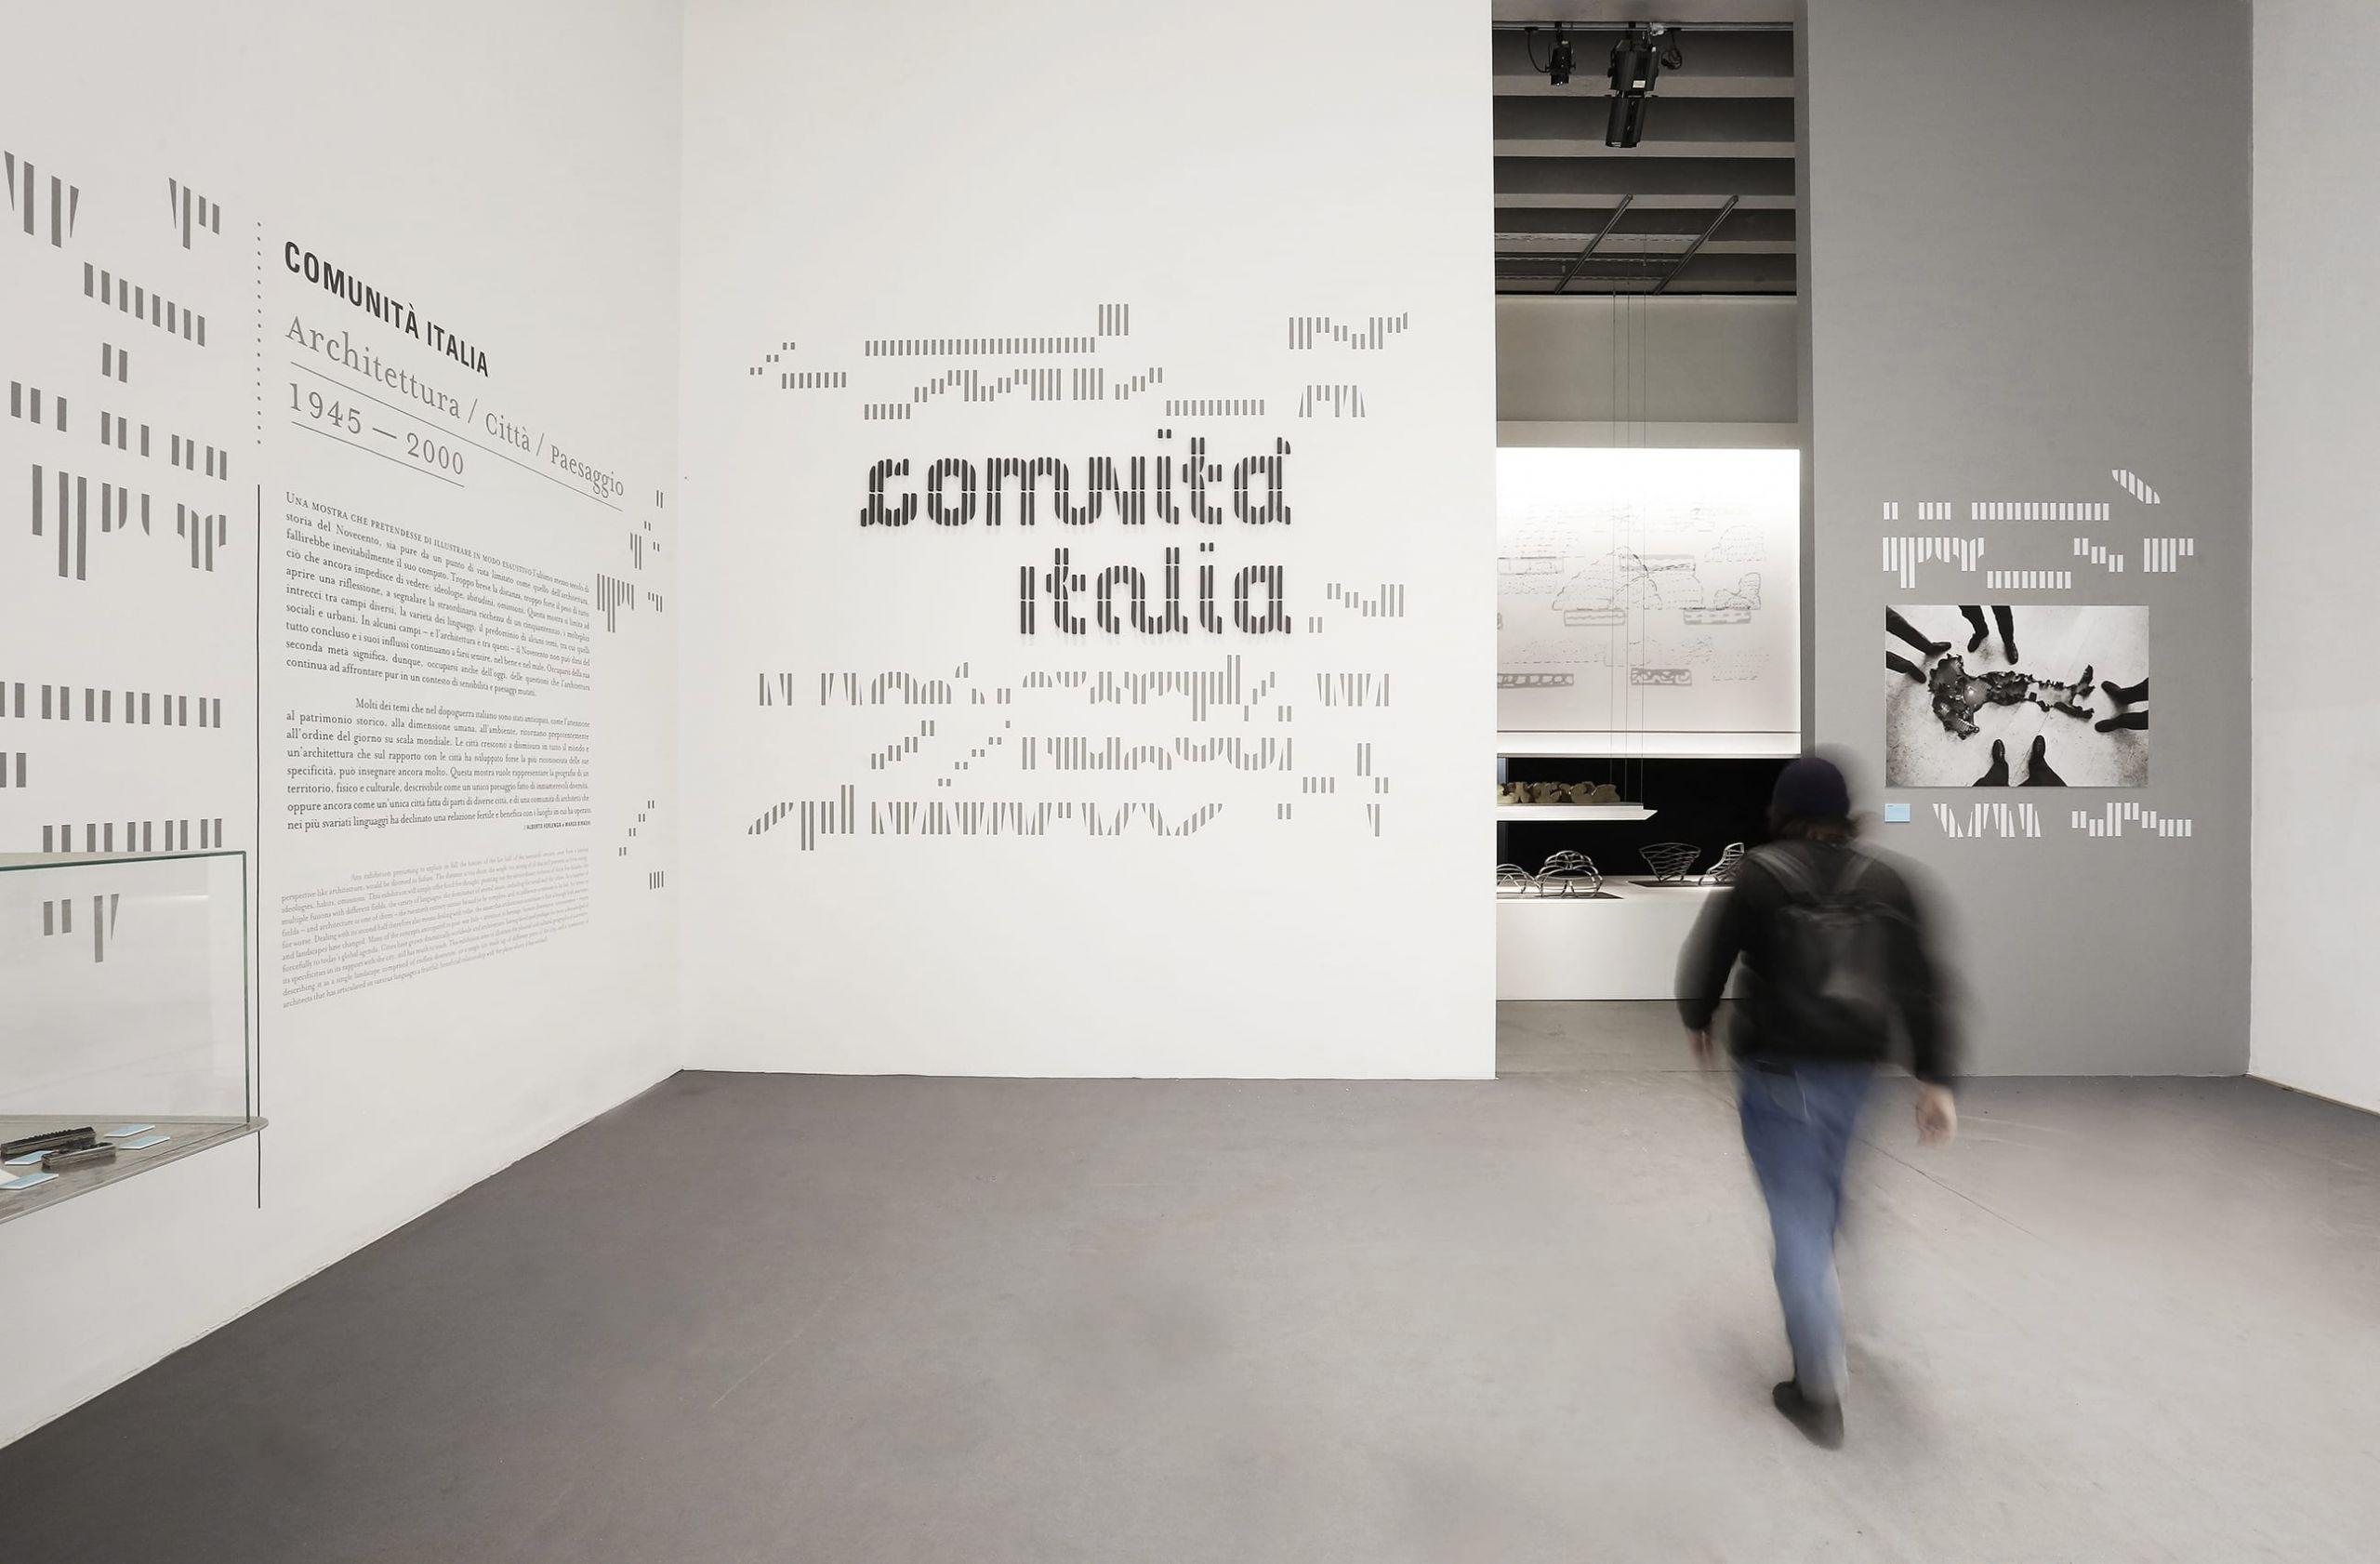 atelier xyz unita italia exhibition triennale di milano